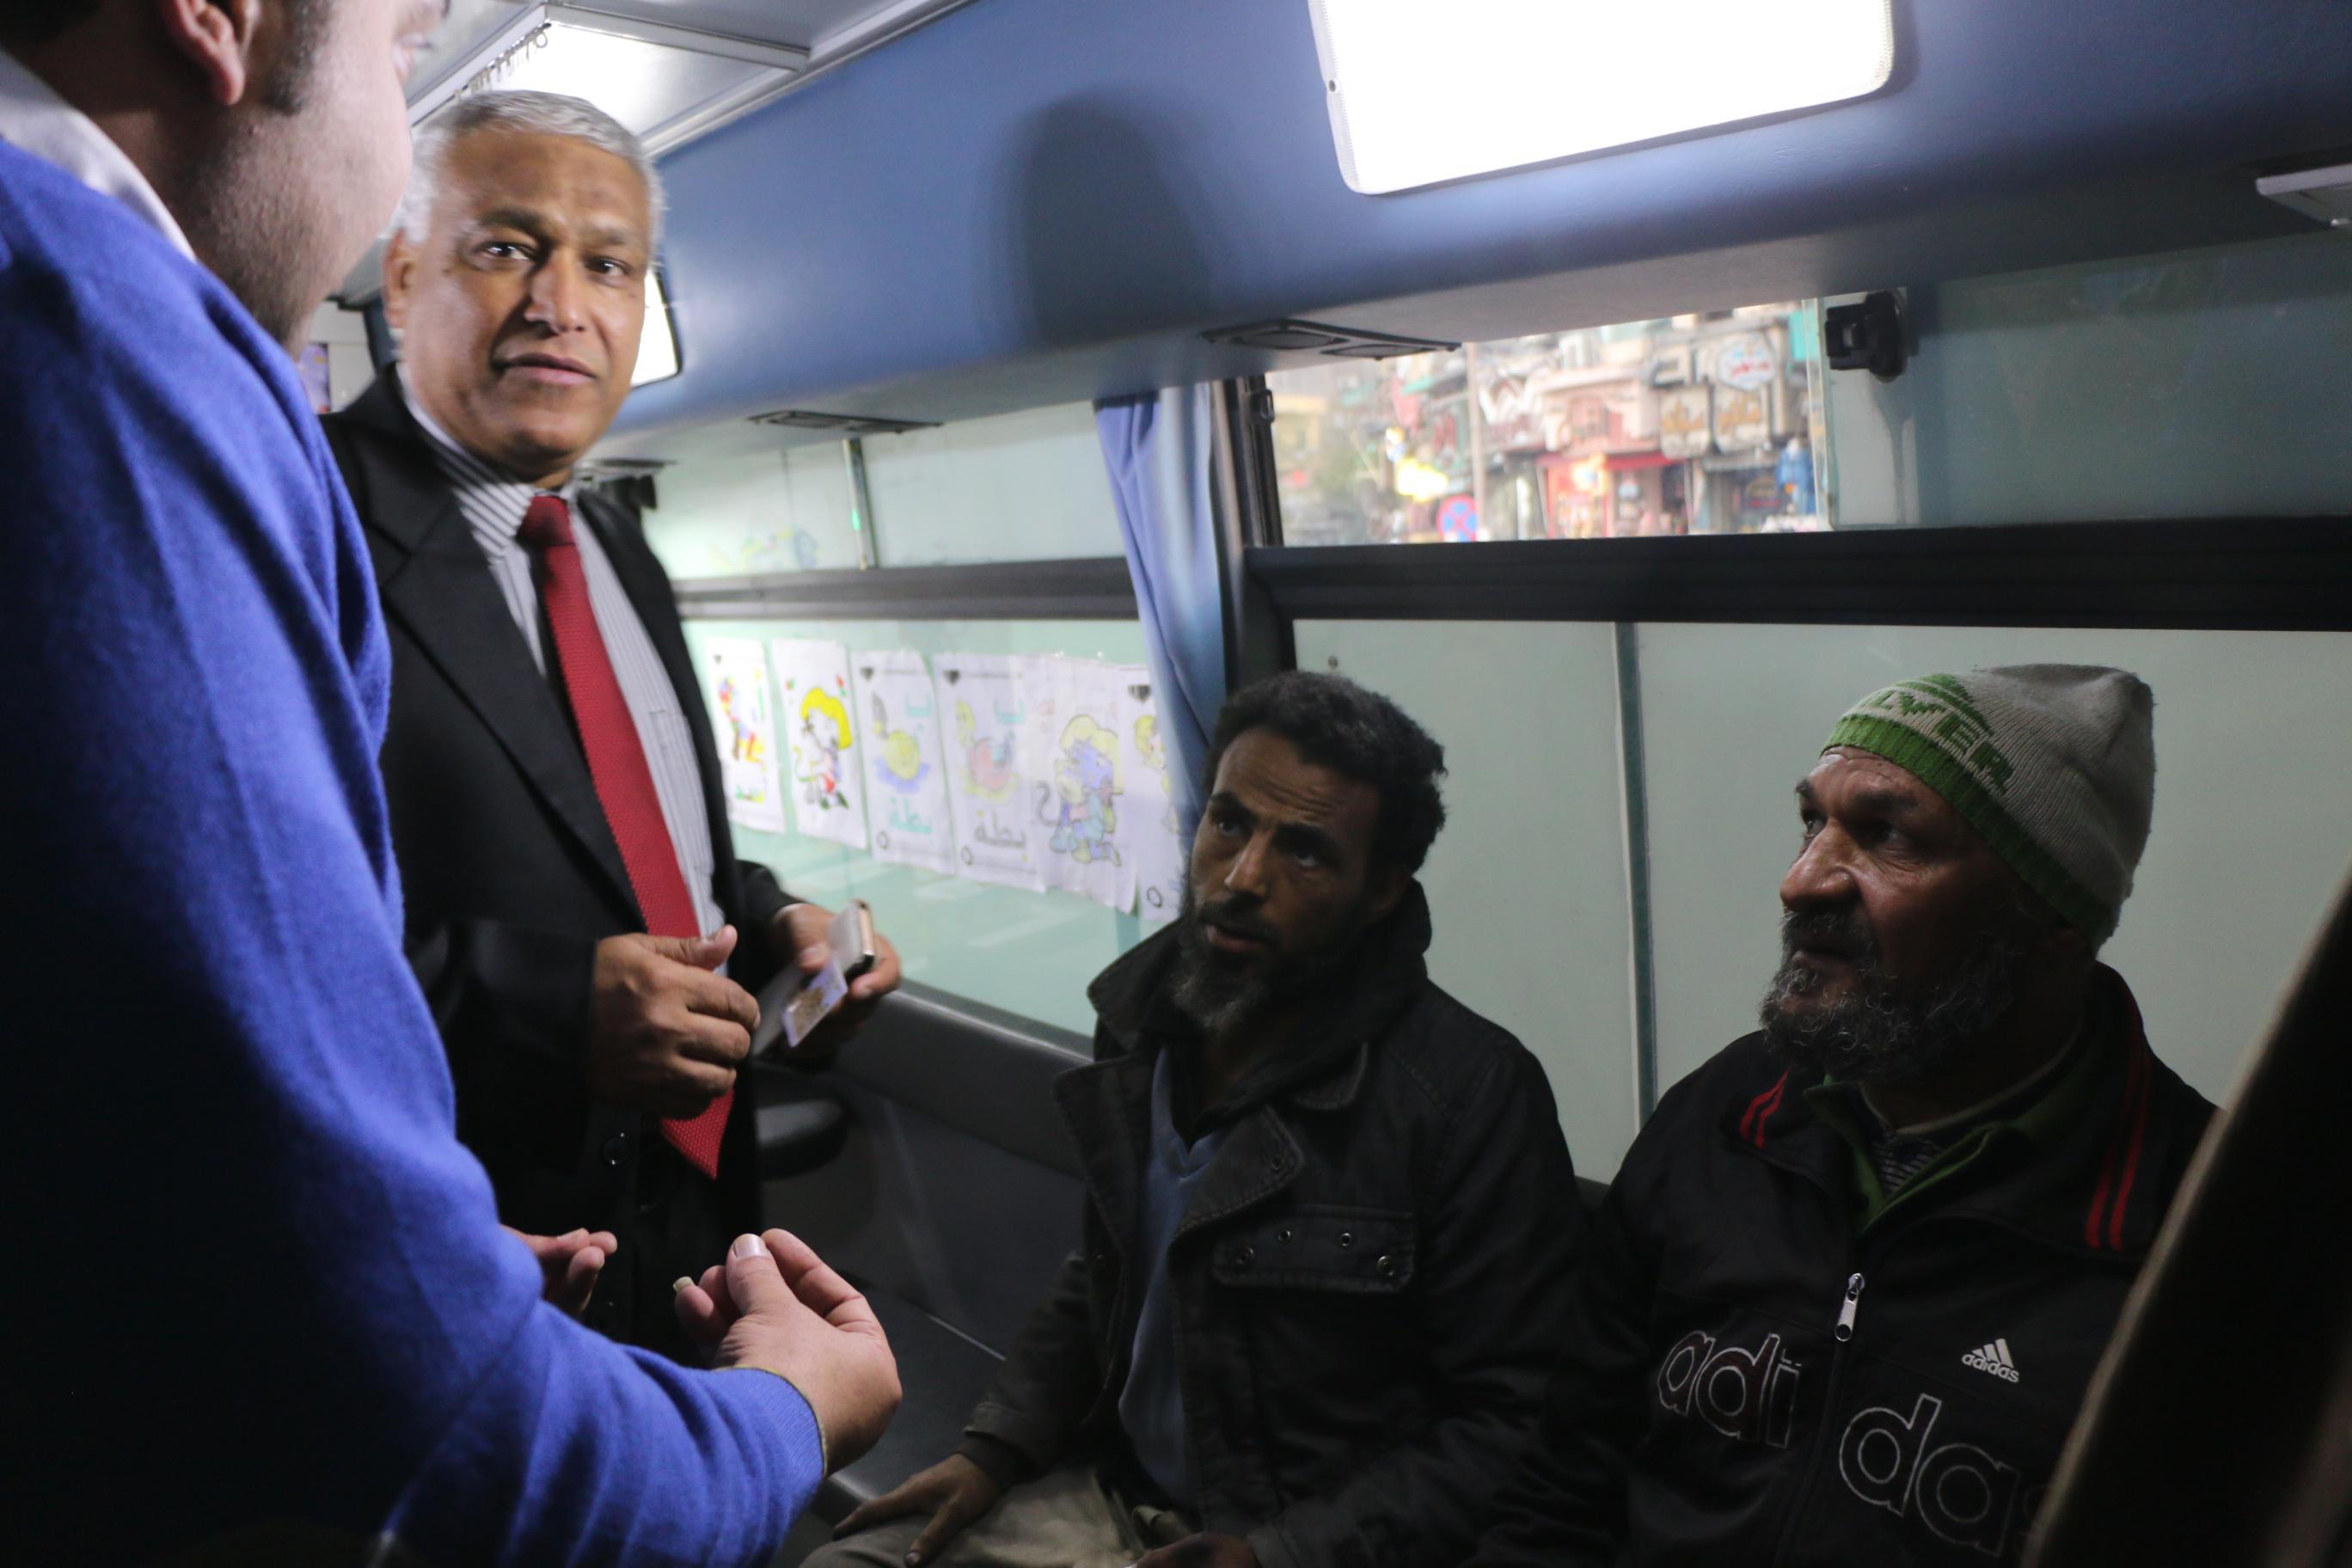 فرق الانقاذ وسيارات الاغاثة تجوب شوارع وميادين القاهرة لإنقاذ المشردين  (2)